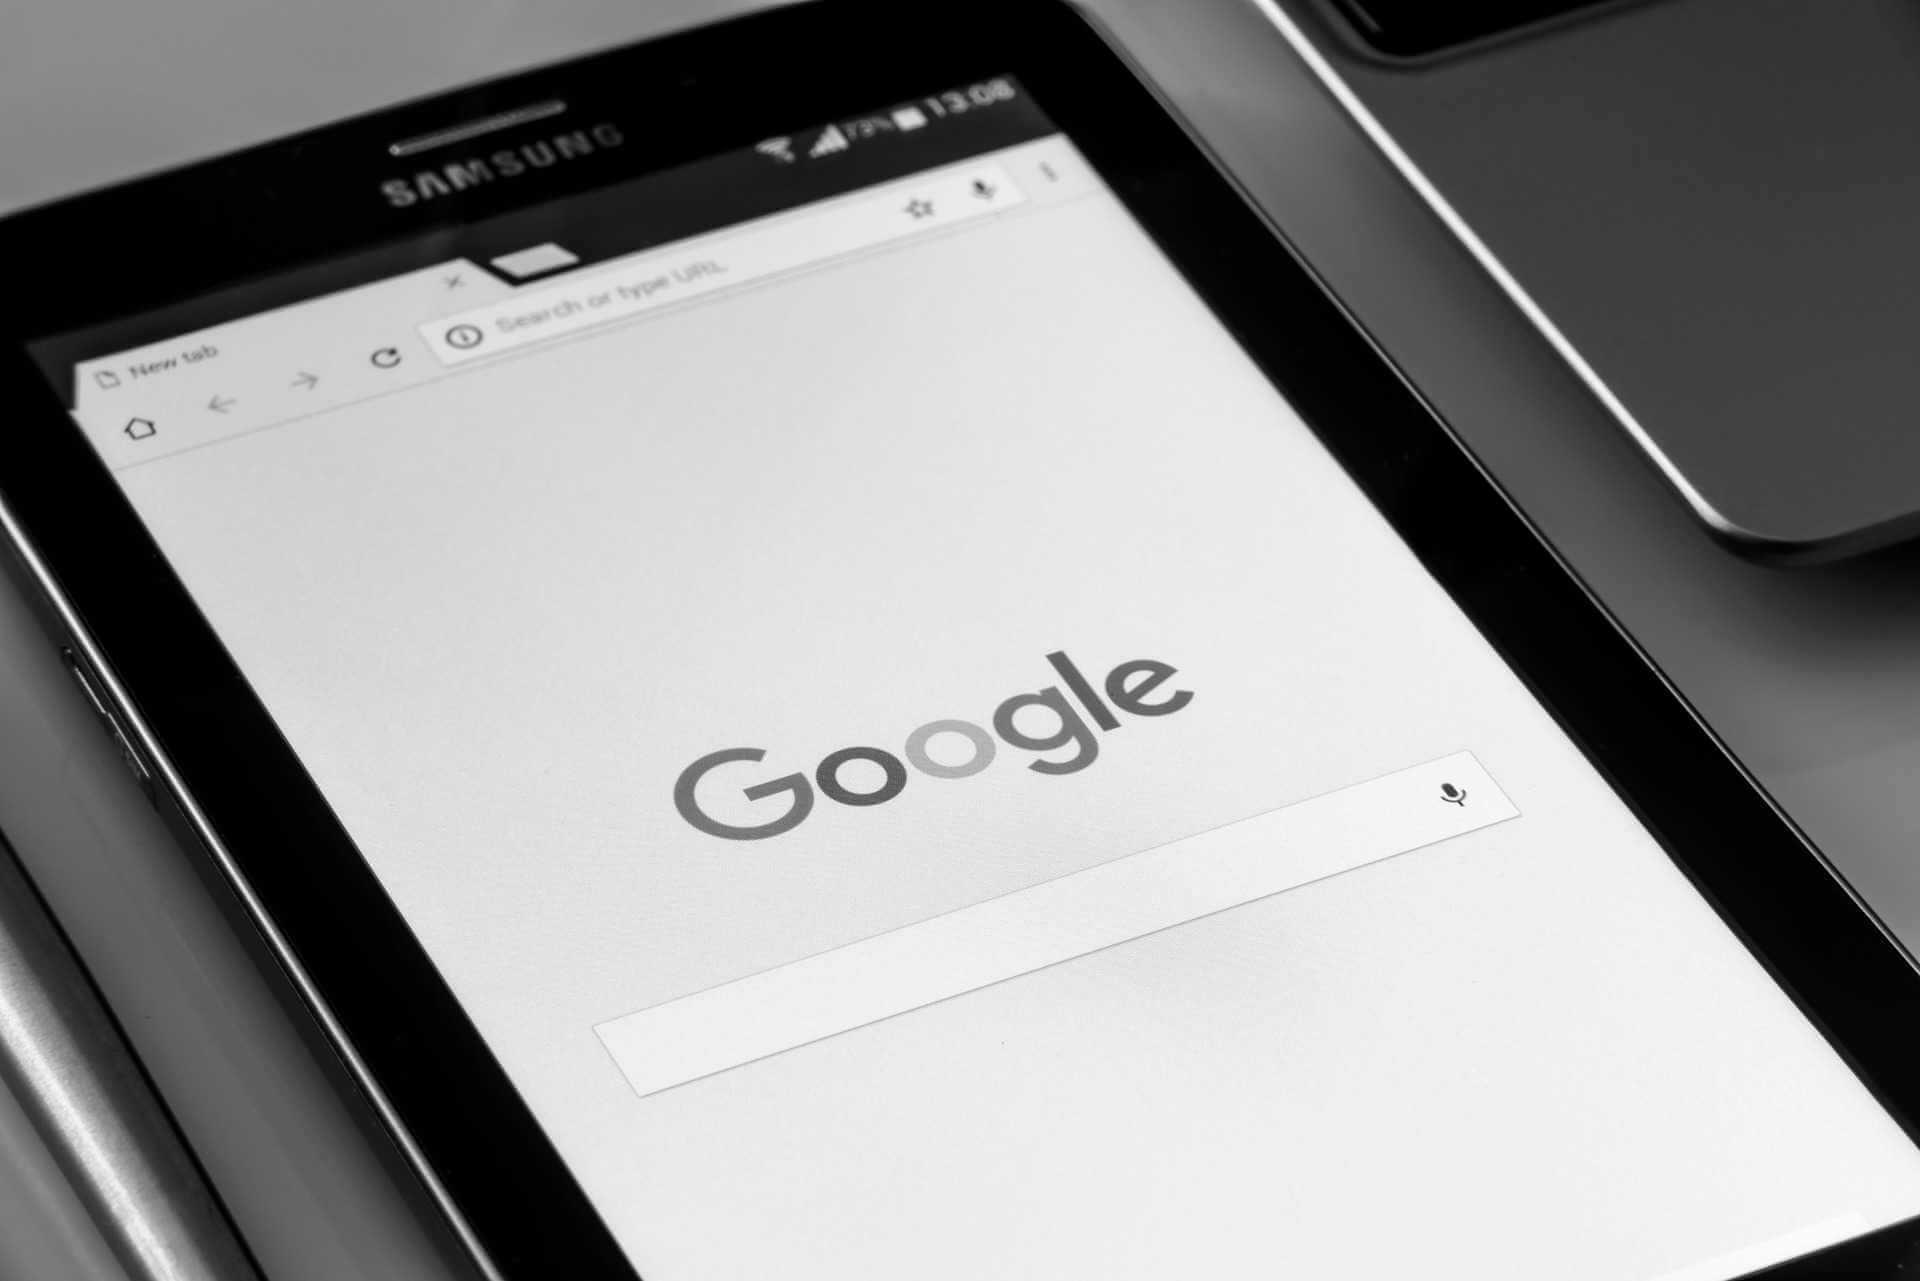 Google Suche auf einem mobilen Endgerät